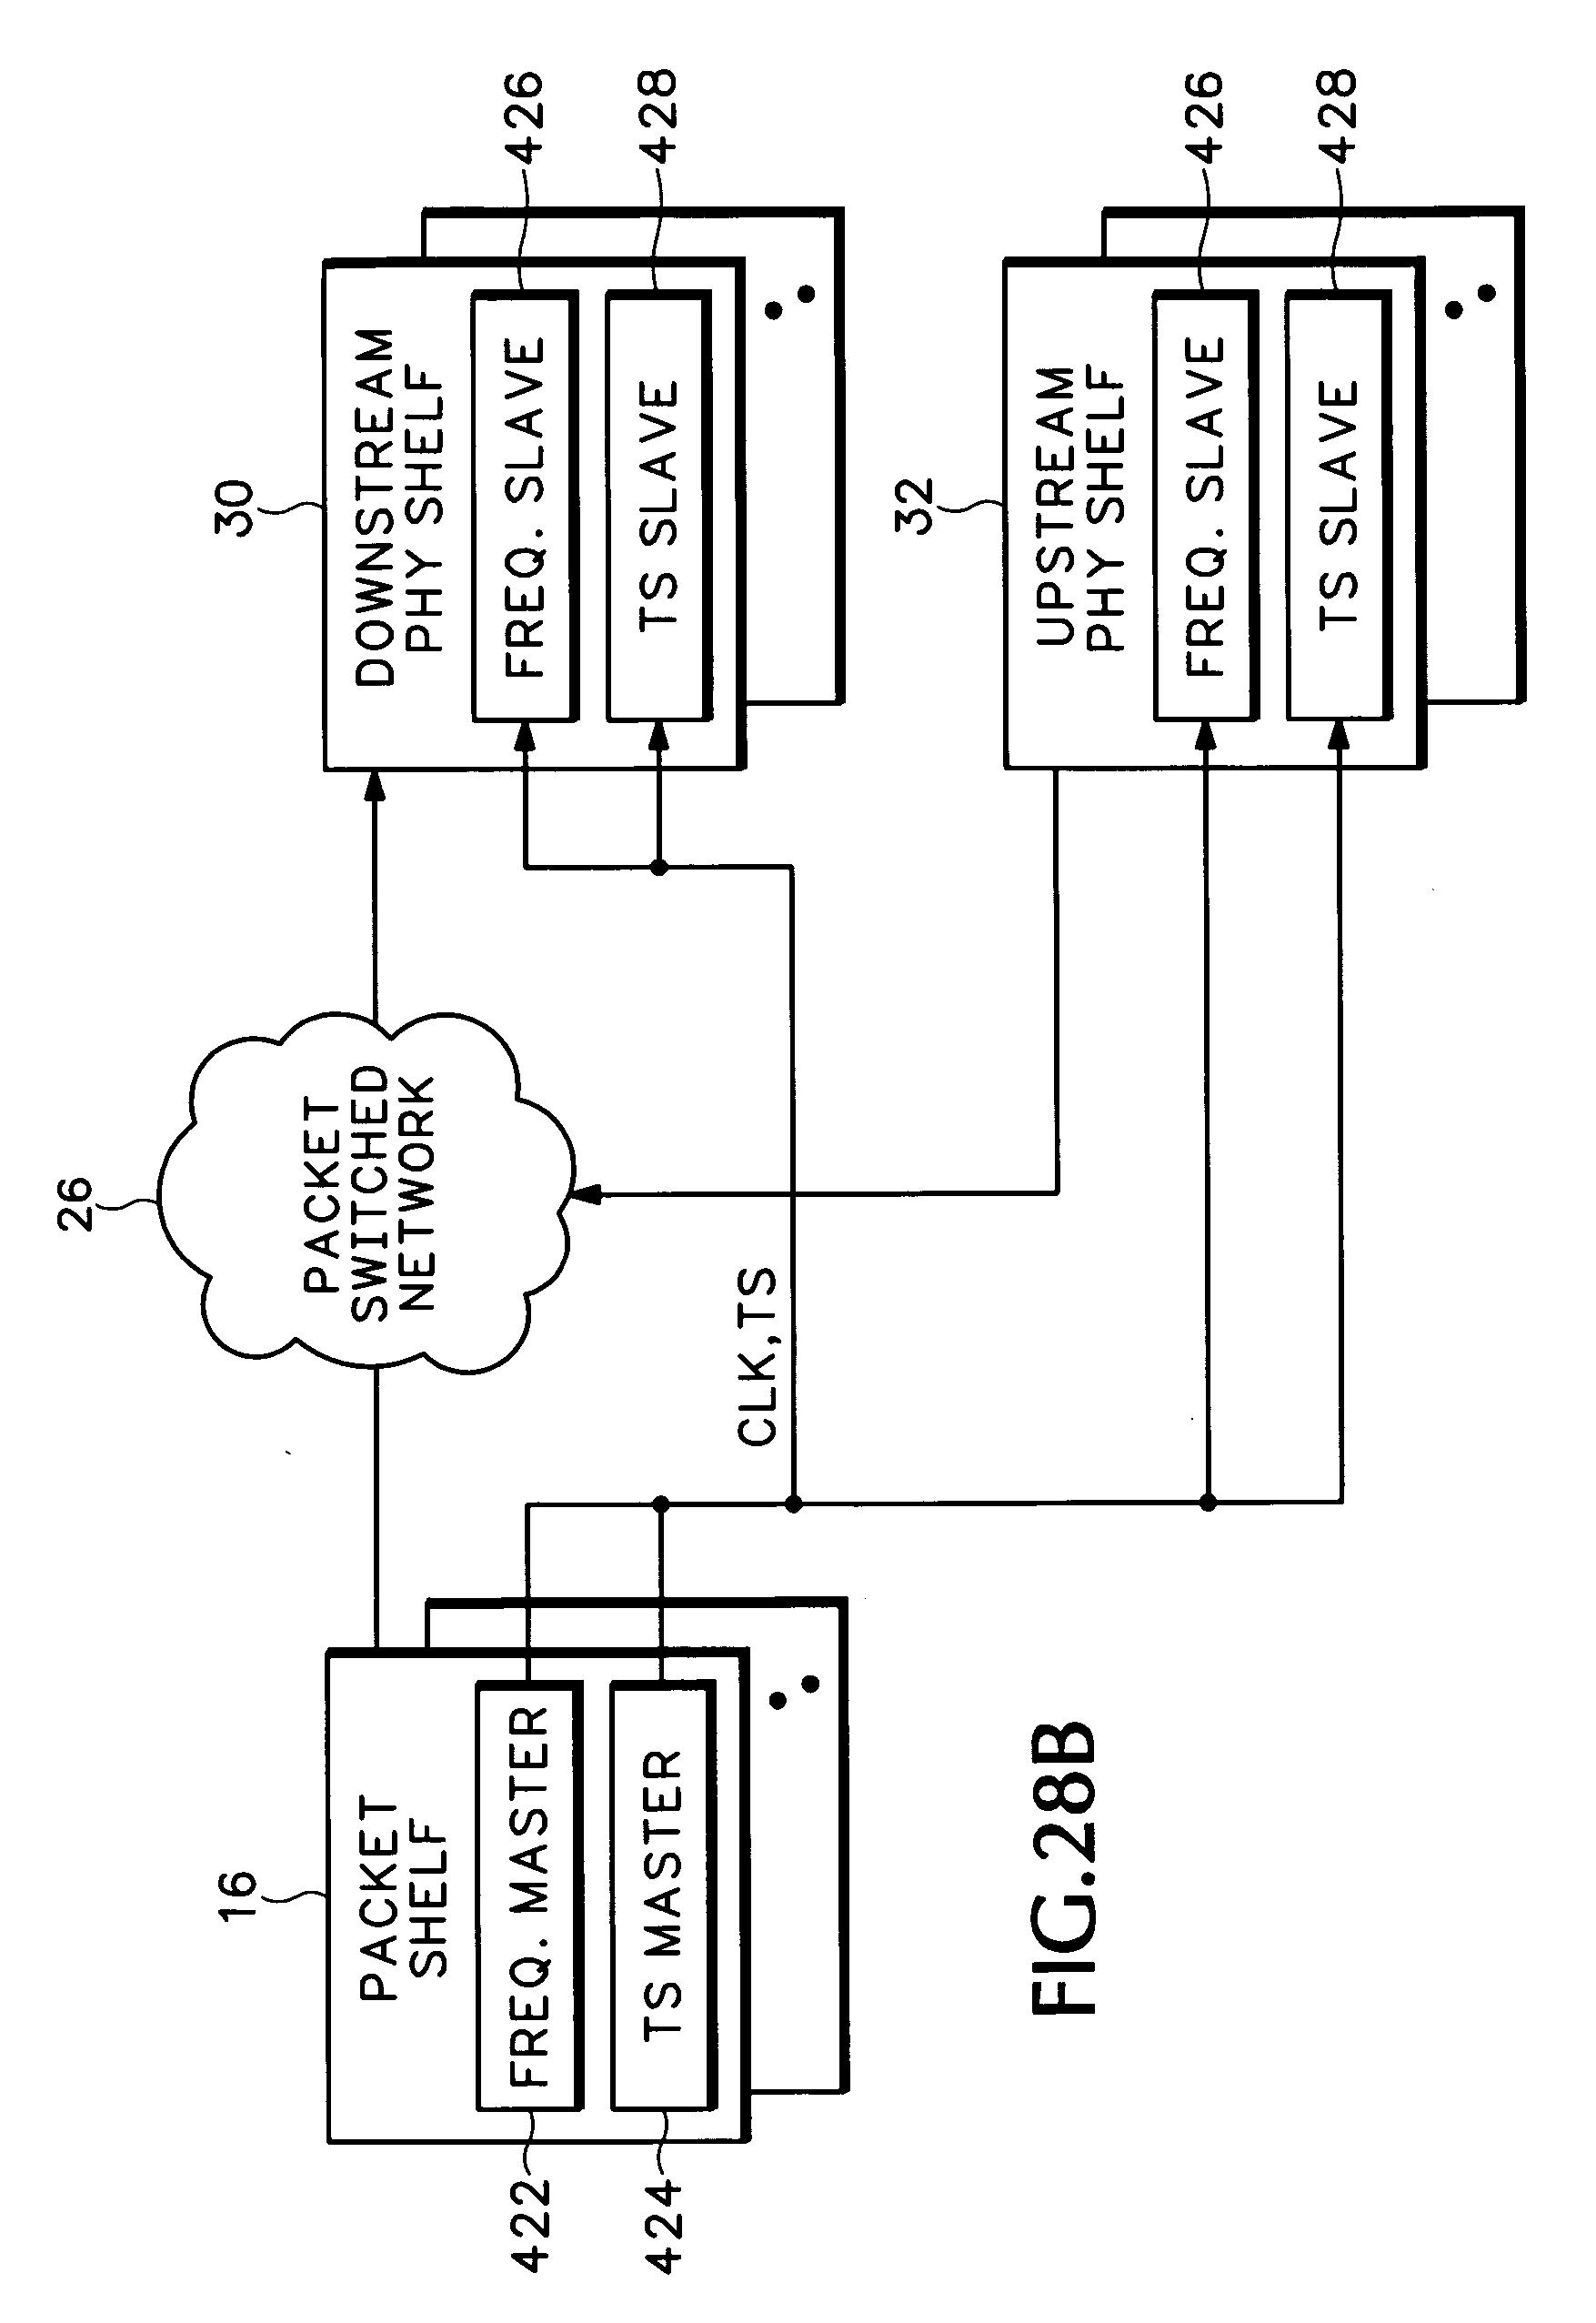 brevet us20060168612